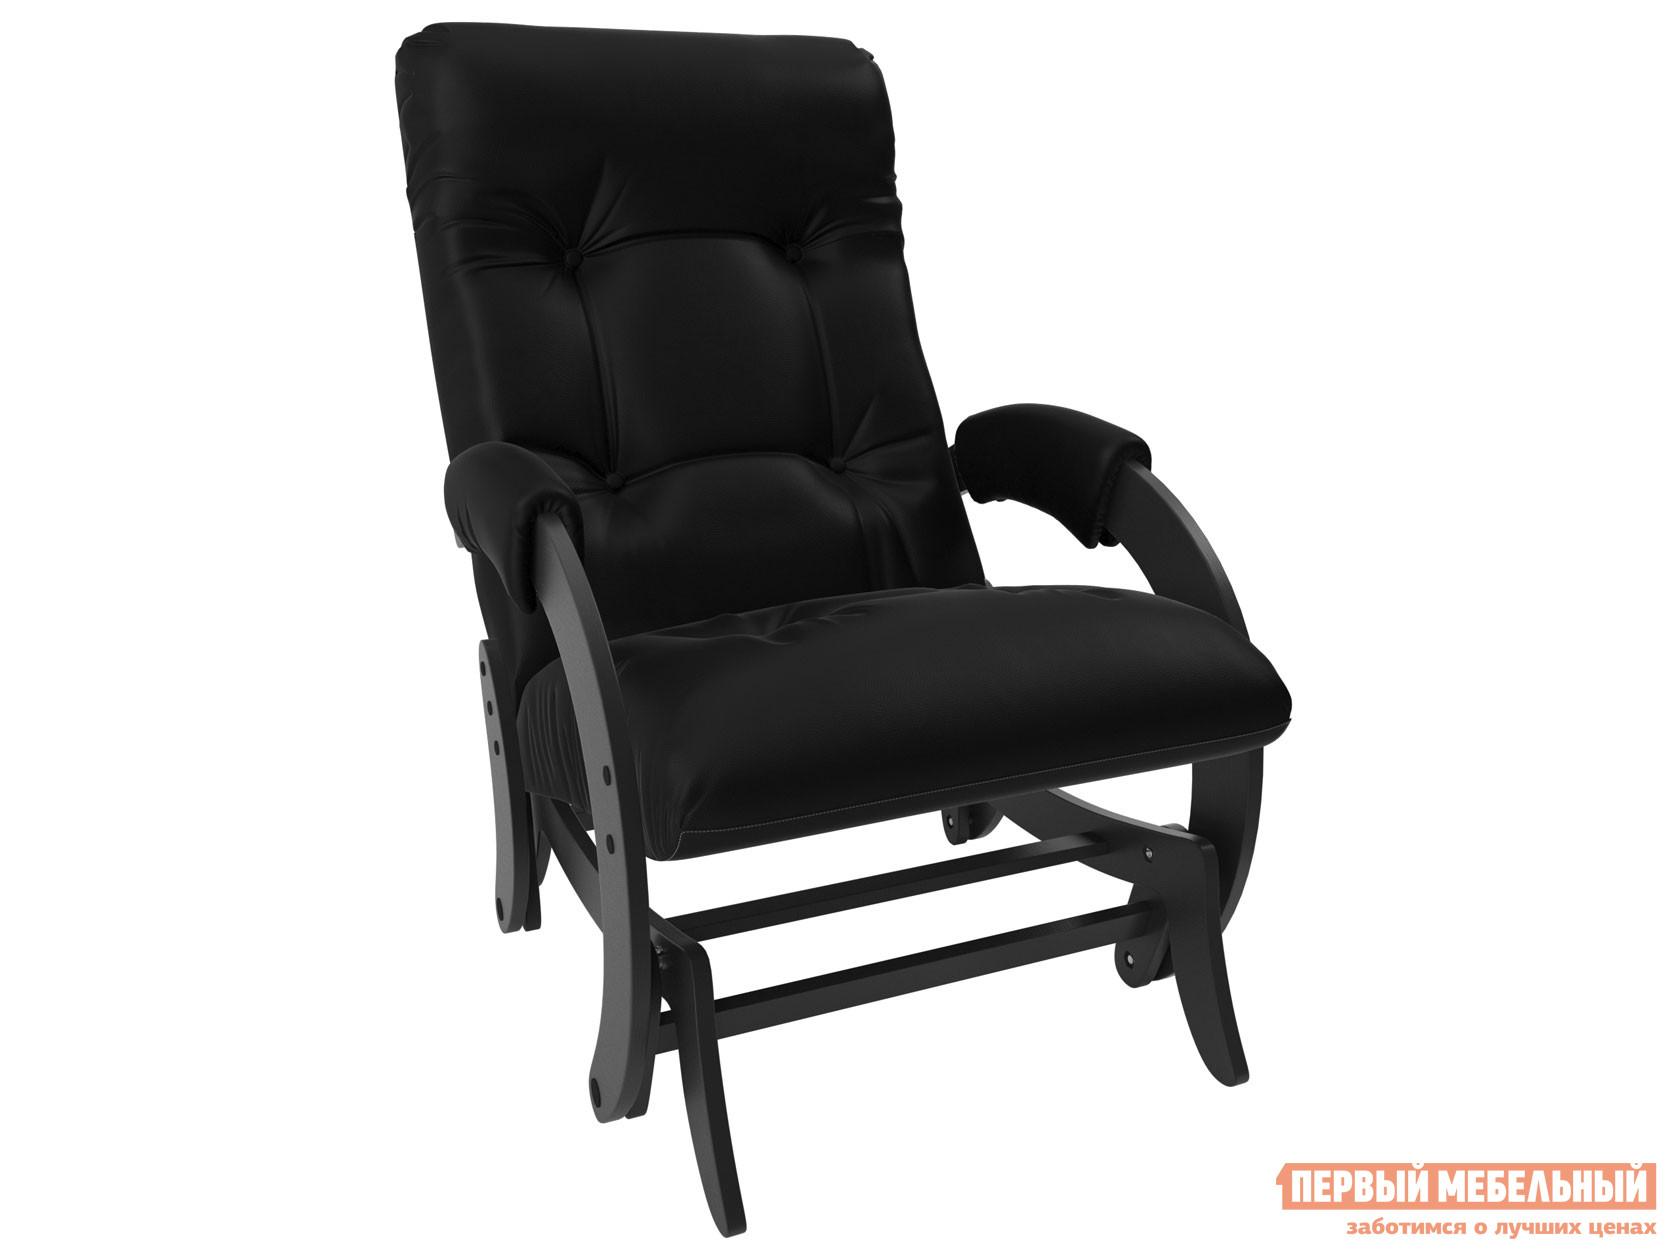 Кресло-качалка  Кресло-глайдер Бергамо КР Венге, Vegas Lite black, иск. кожа Мебель Импэкс 78644